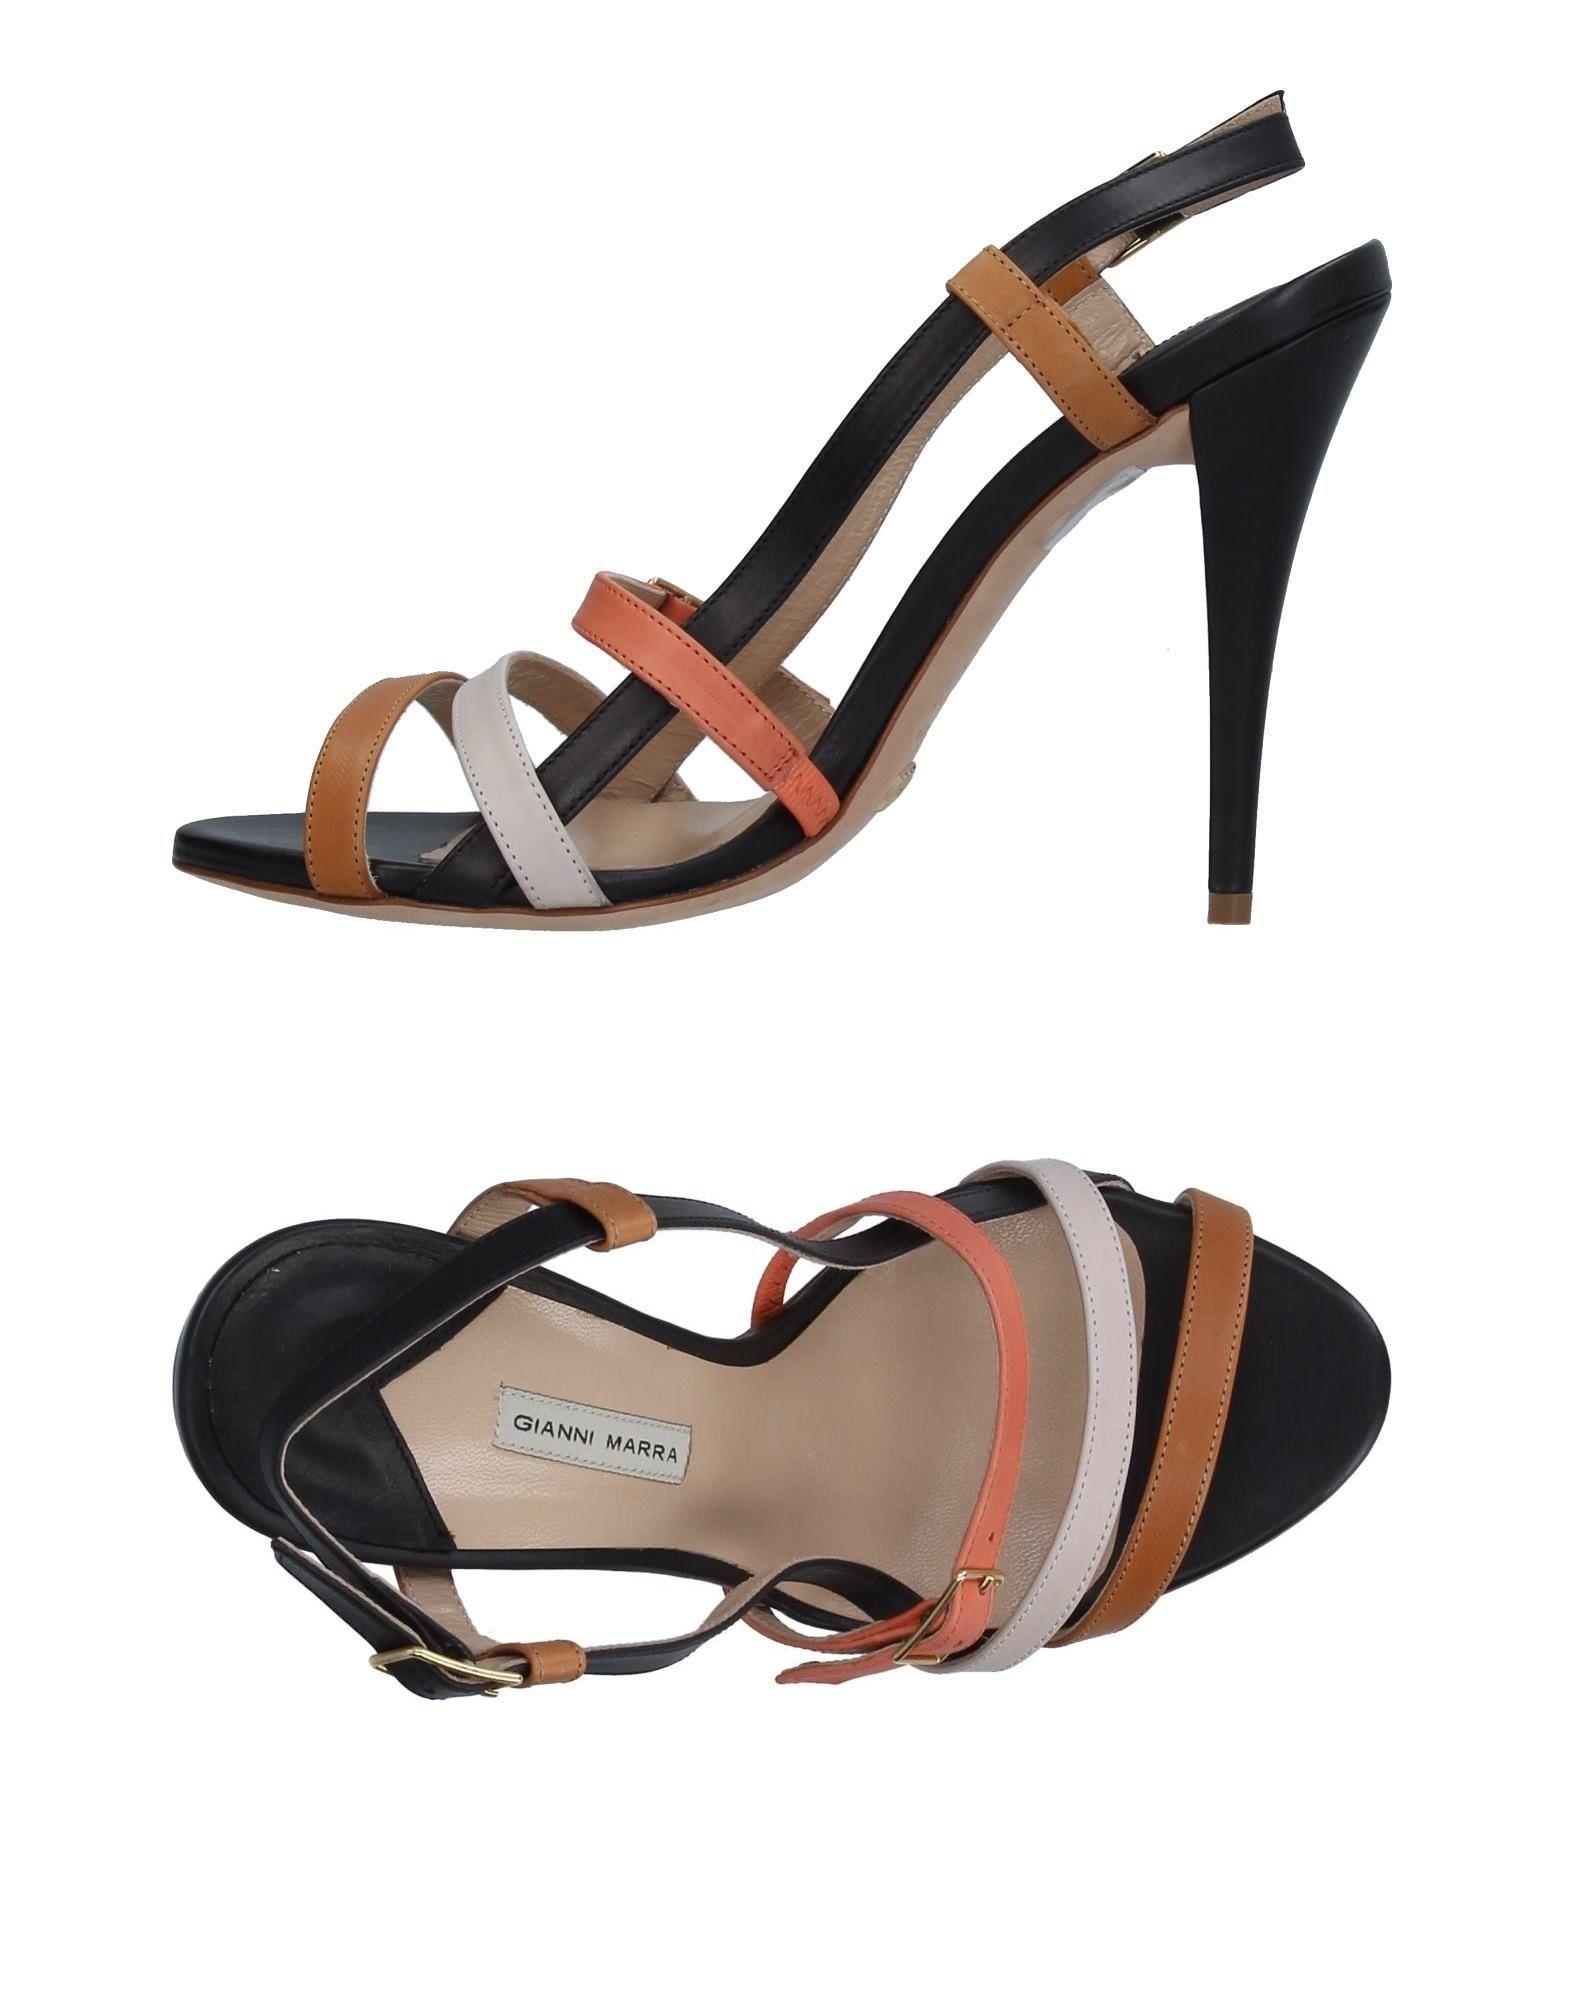 Gut tragenGianni um billige Schuhe zu tragenGianni Gut Marra Sandalen Damen  11358819QX 1ca2b7